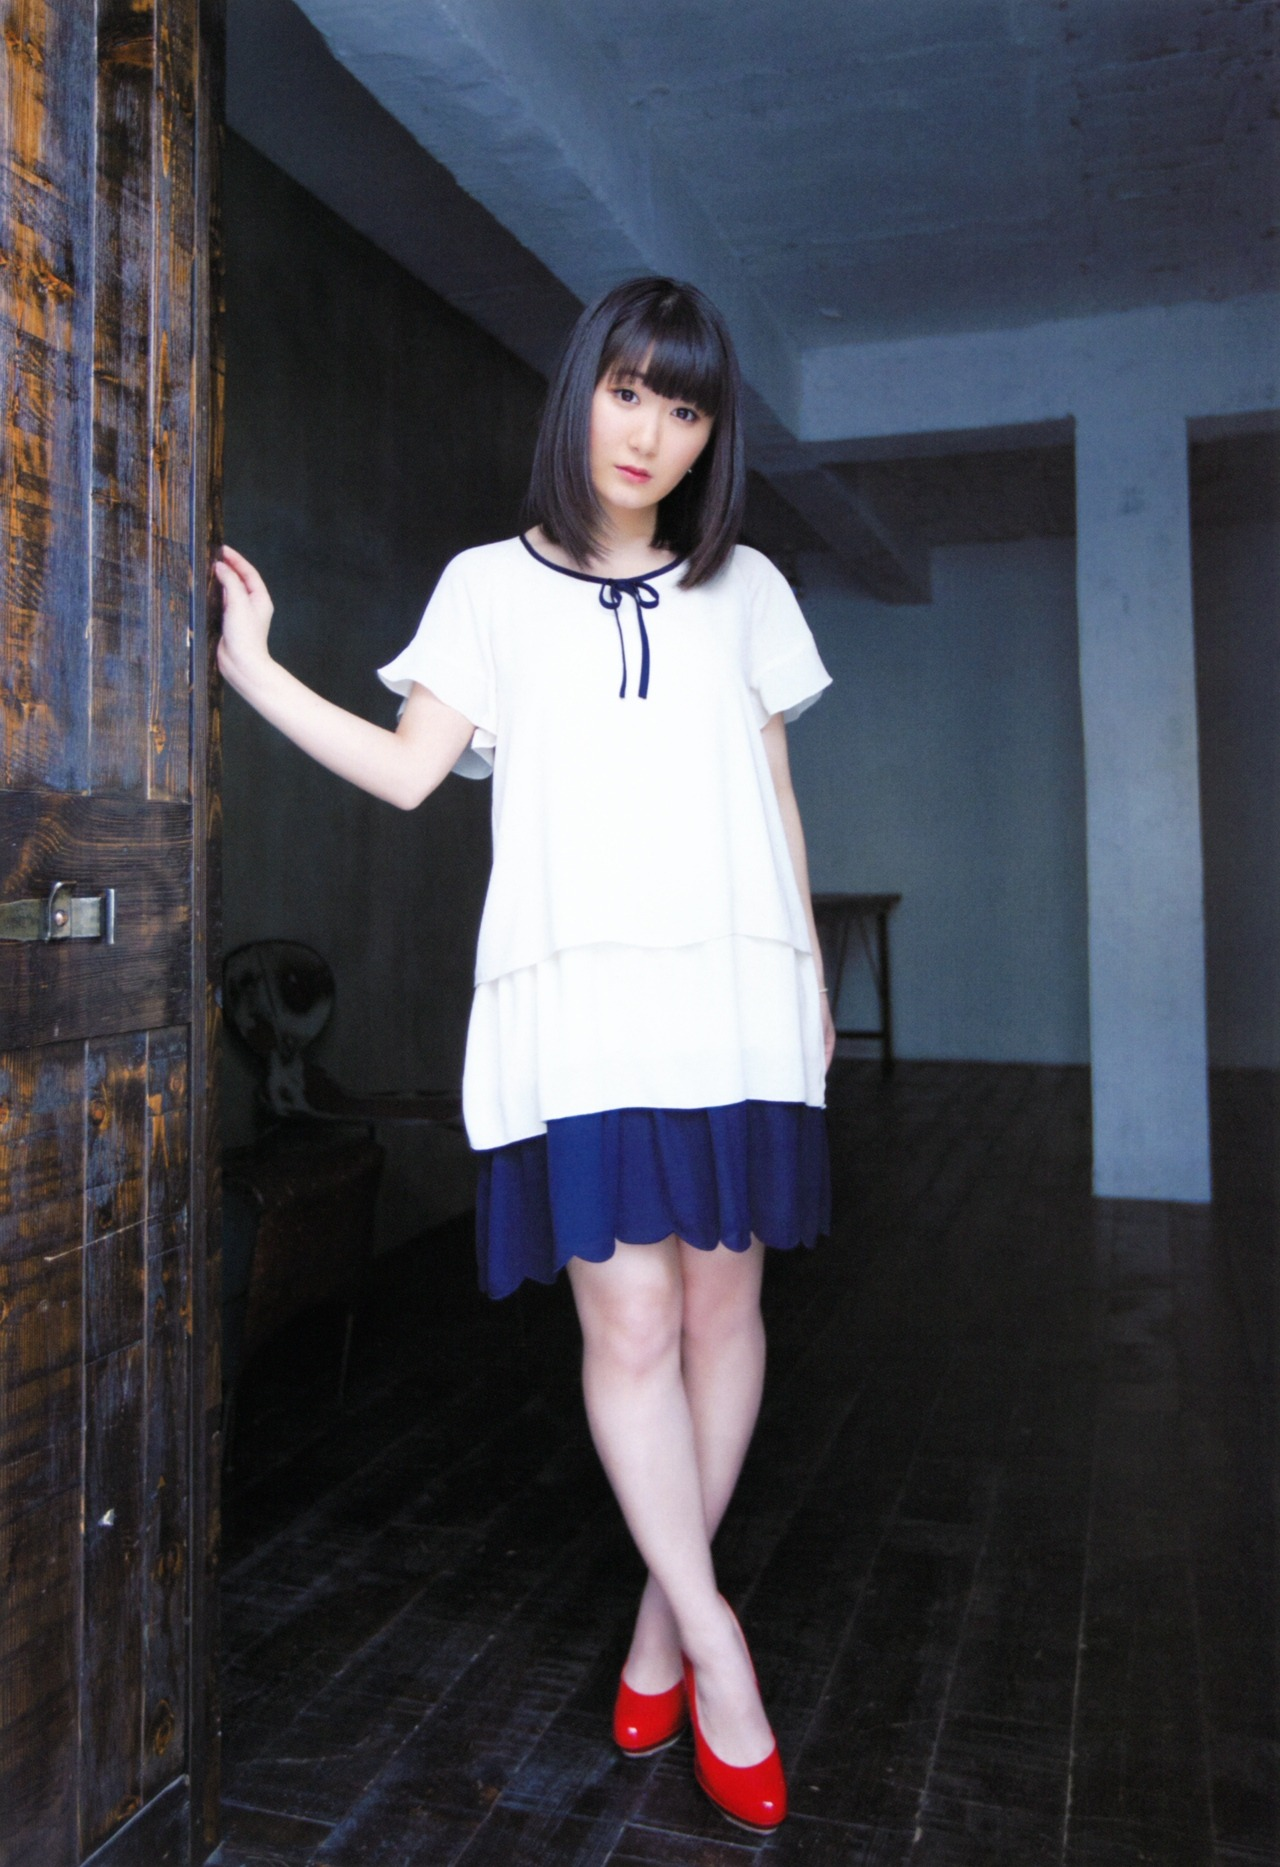 hidaka_rina033.jpg